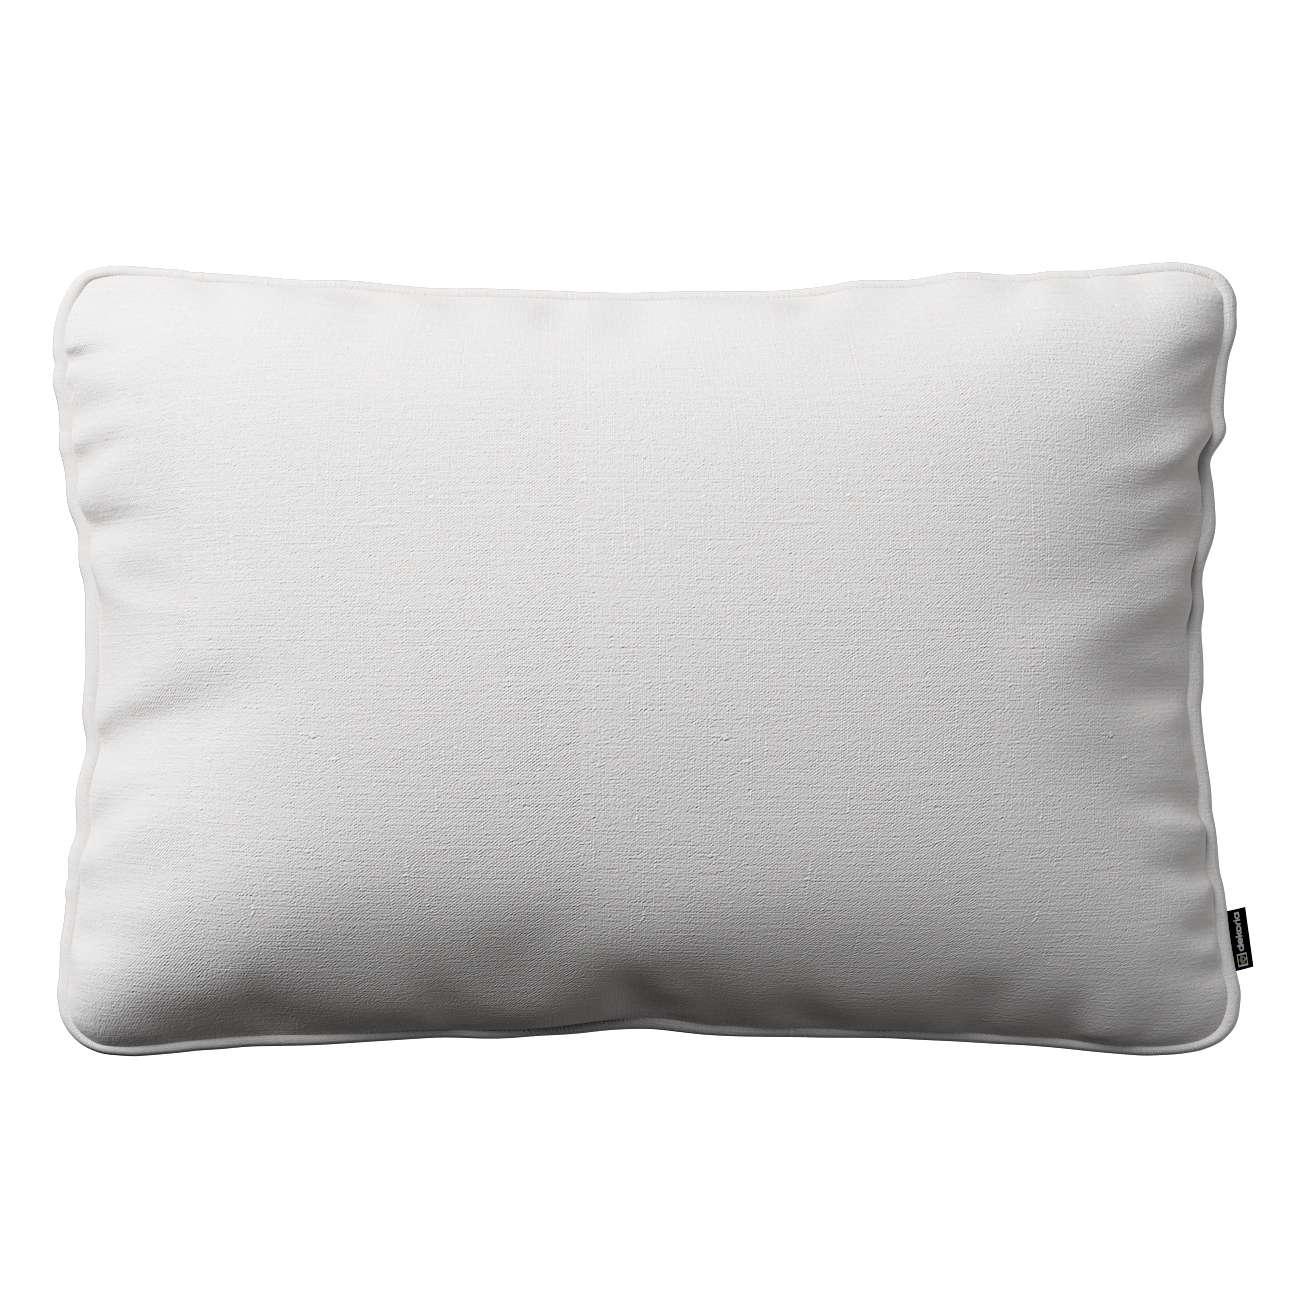 Poszewka Gabi na poduszkę prostokątna 60 x 40 cm w kolekcji Linen, tkanina: 392-04